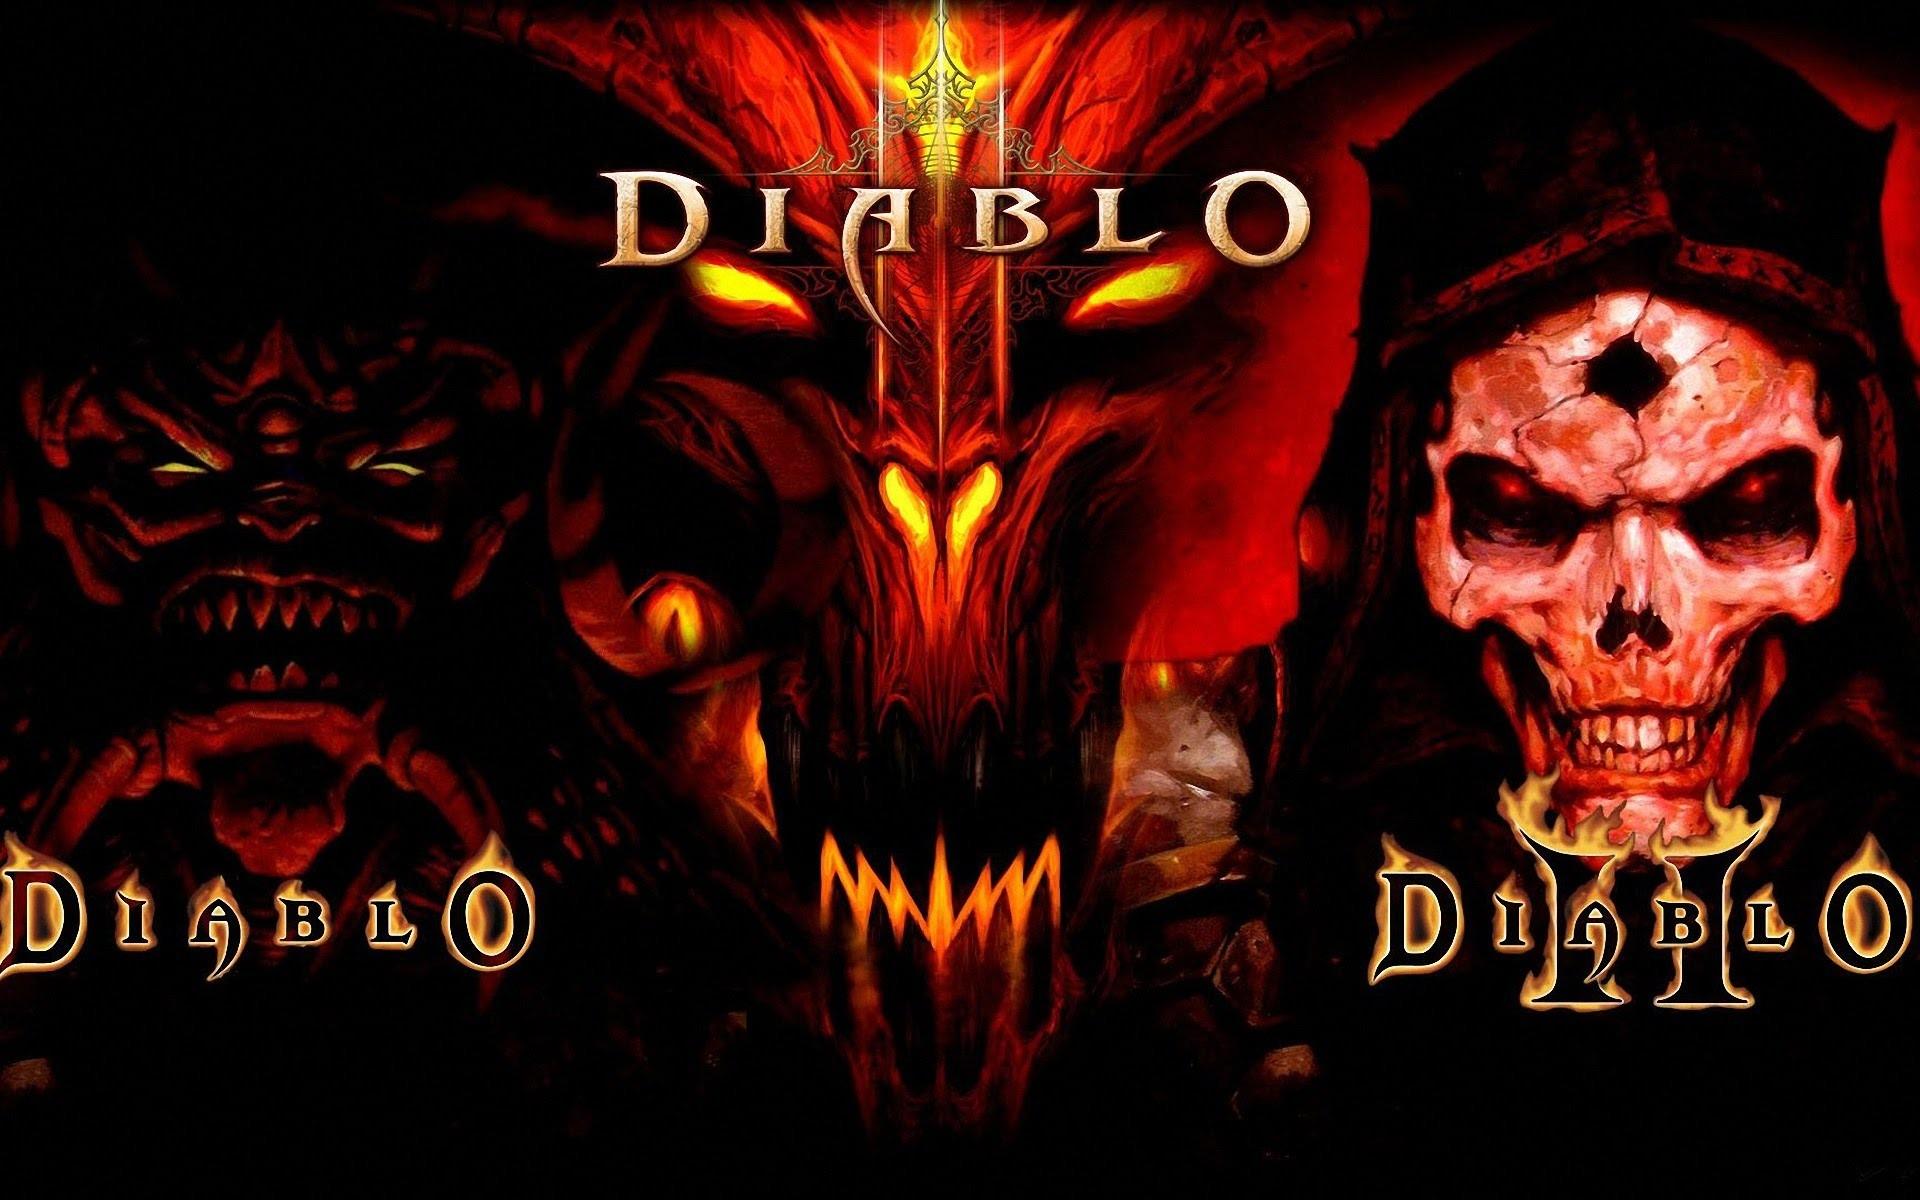 Nostalgeek – Diablo 2 & Diablo 2 Lord of Destruction